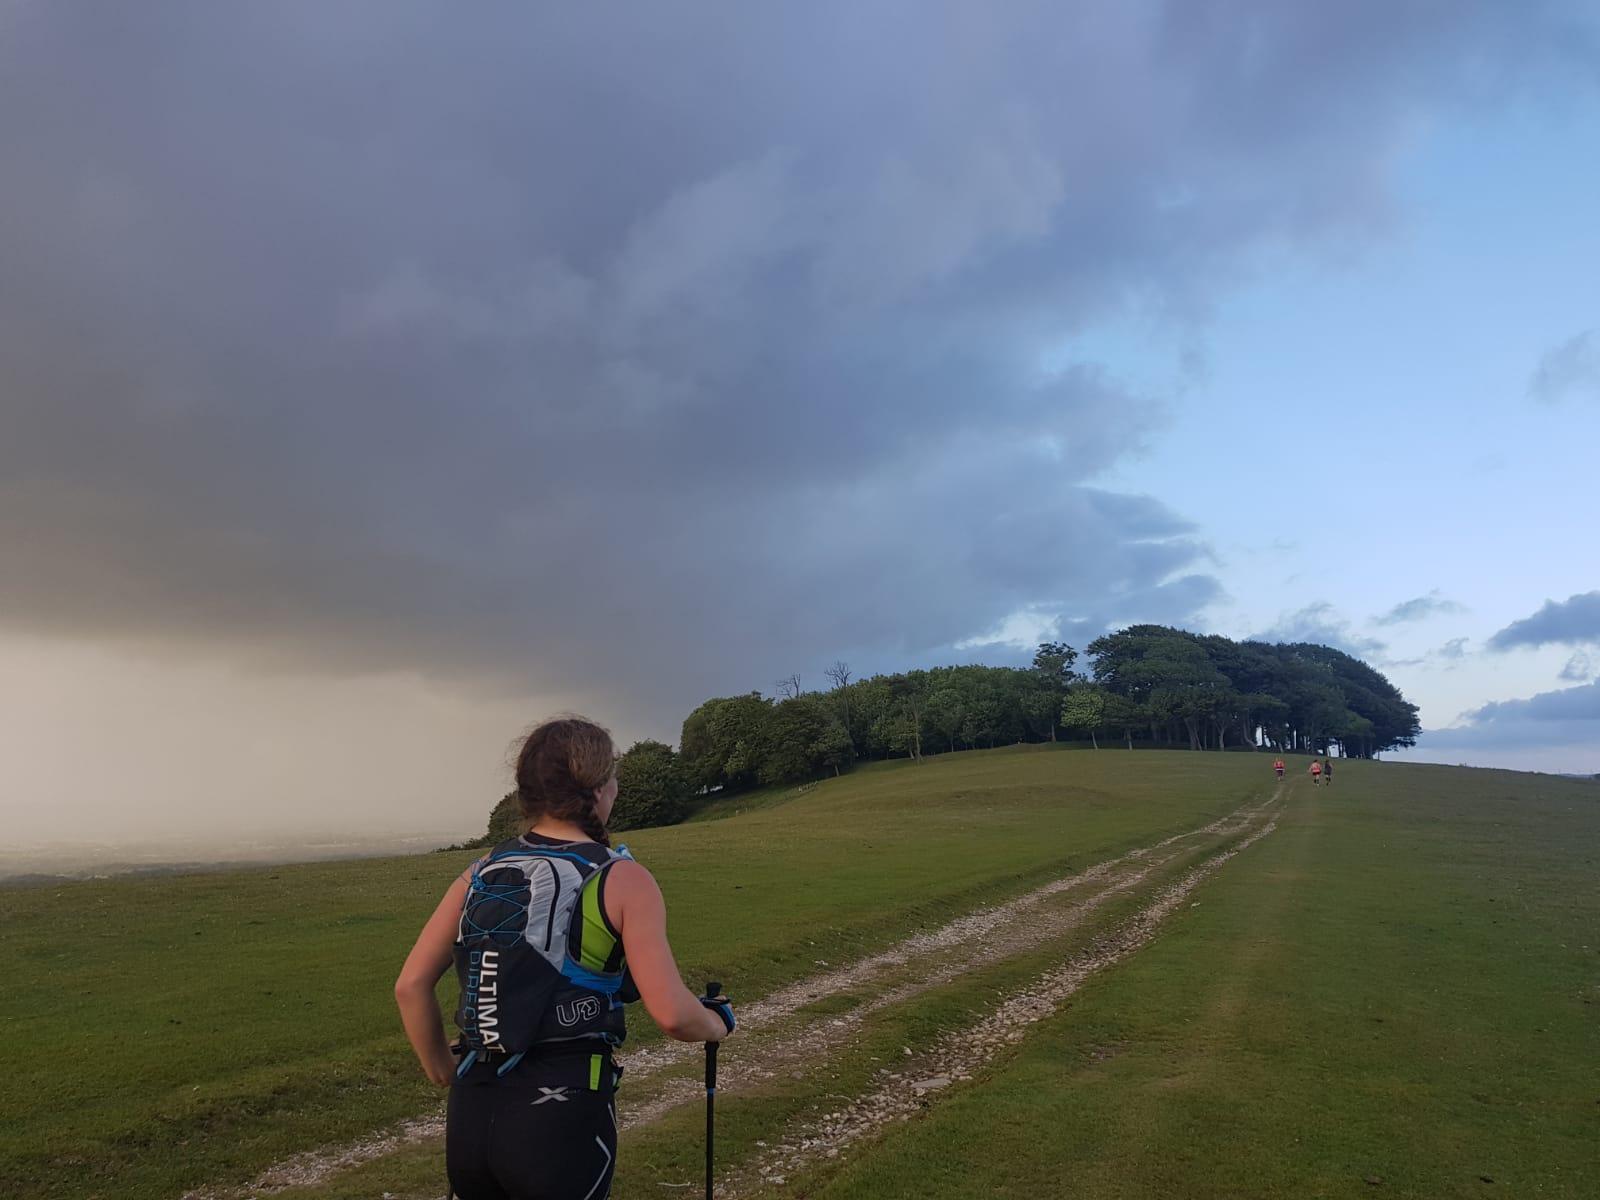 Rosanna walks towards sunset on the SDW100 2019